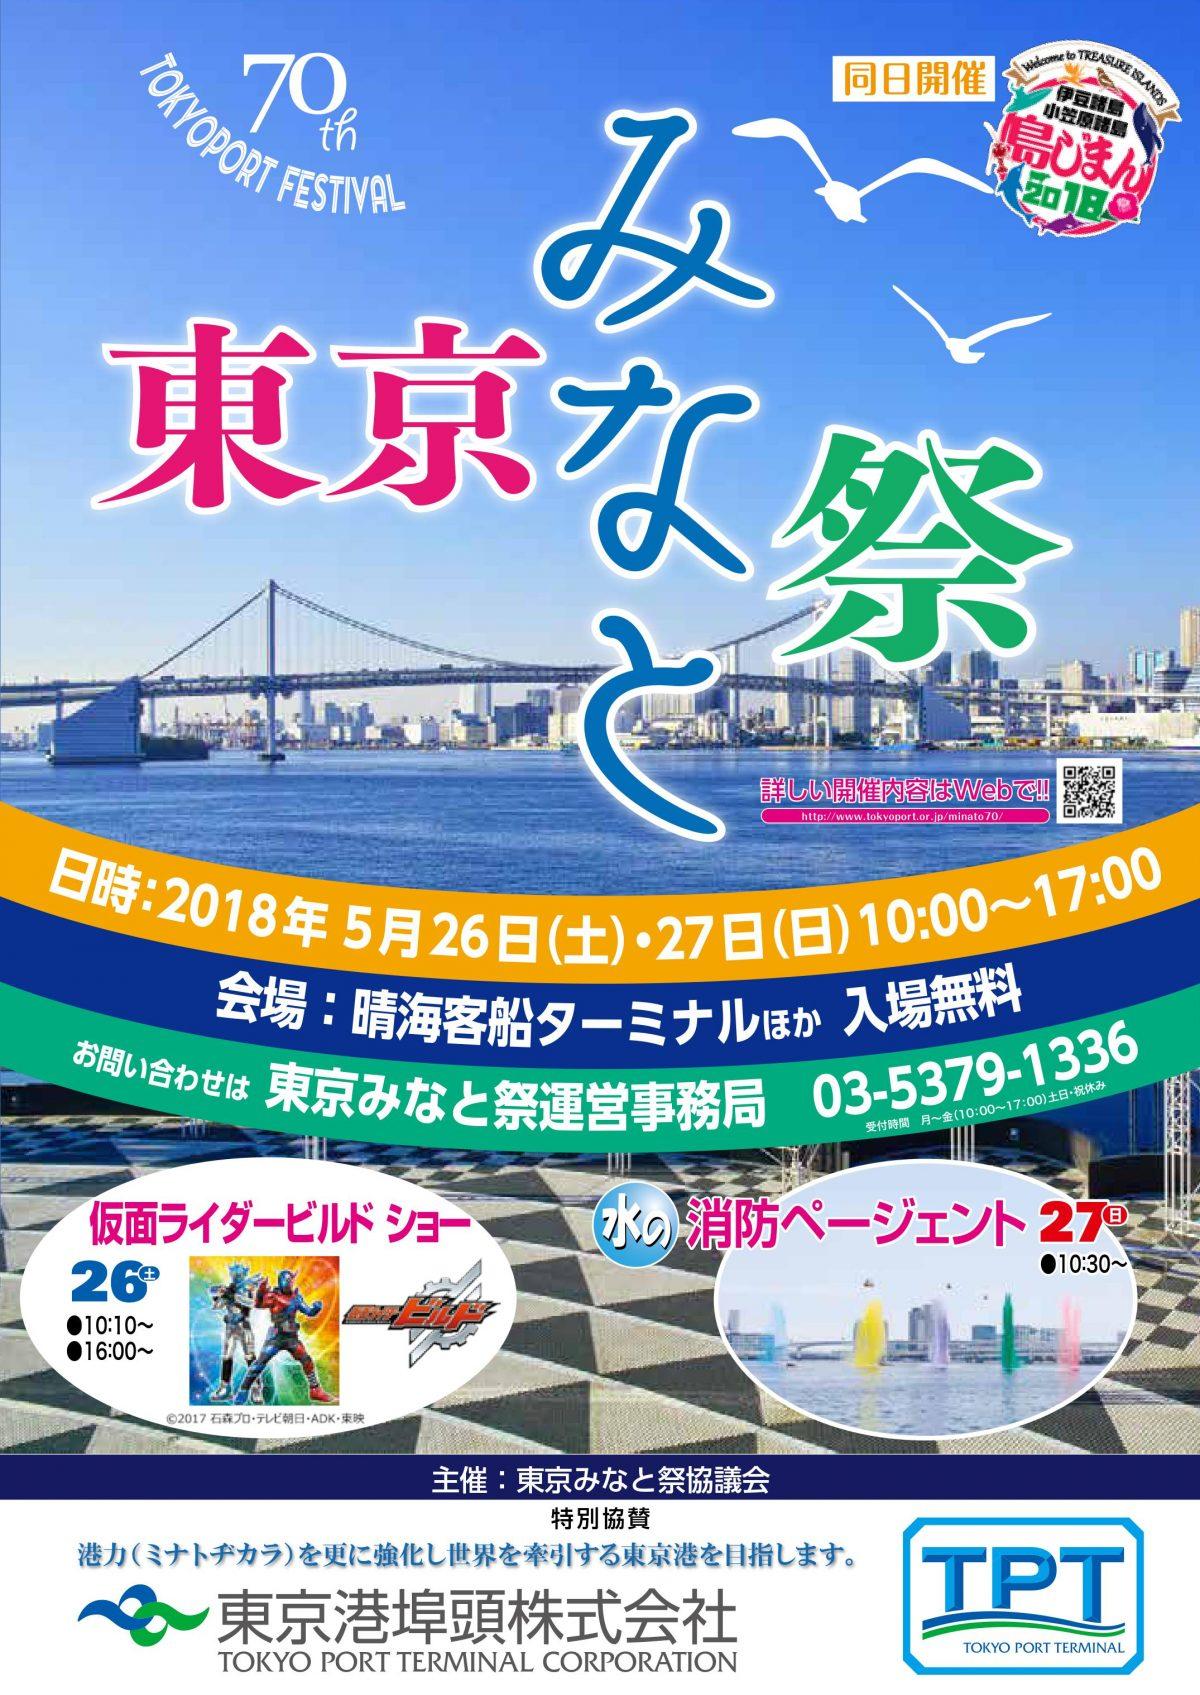 第70回東京みなと祭